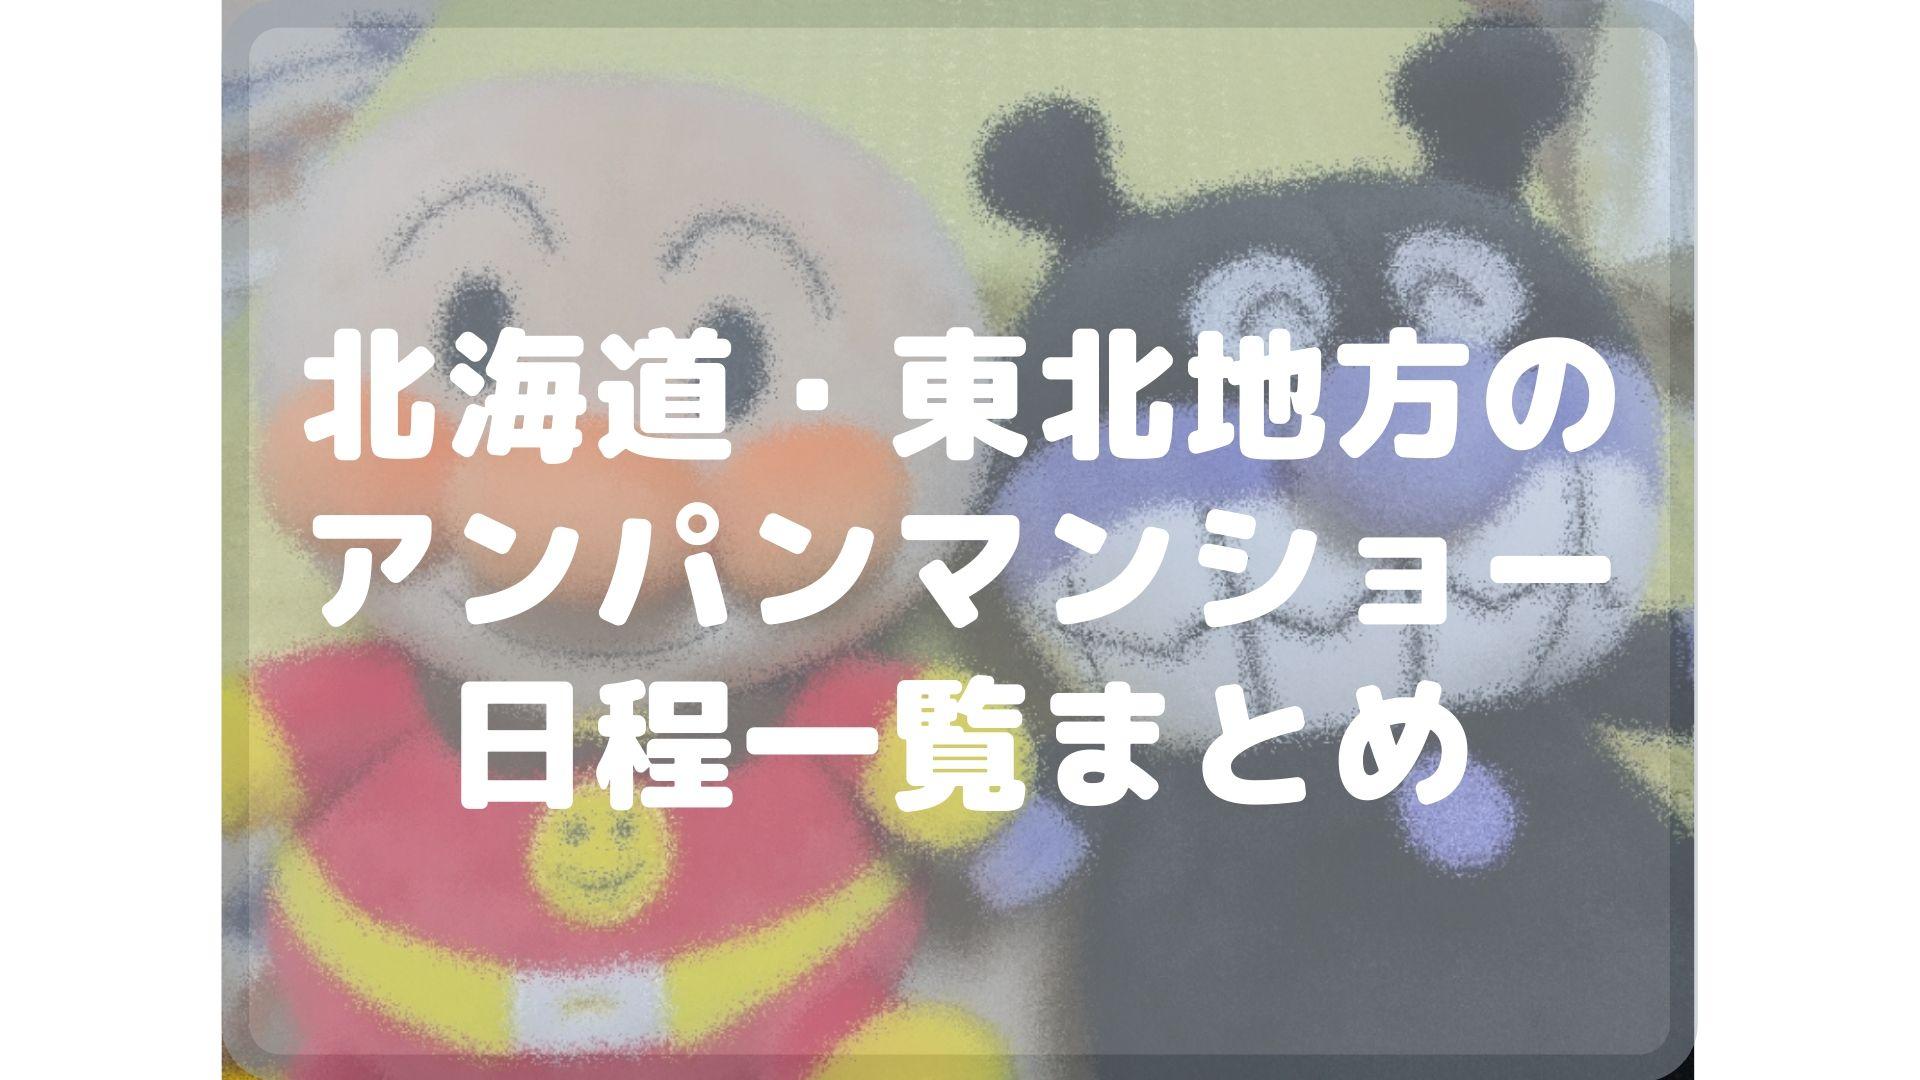 北海道・東北地方のアンパンマンショーまとめタイトル画像